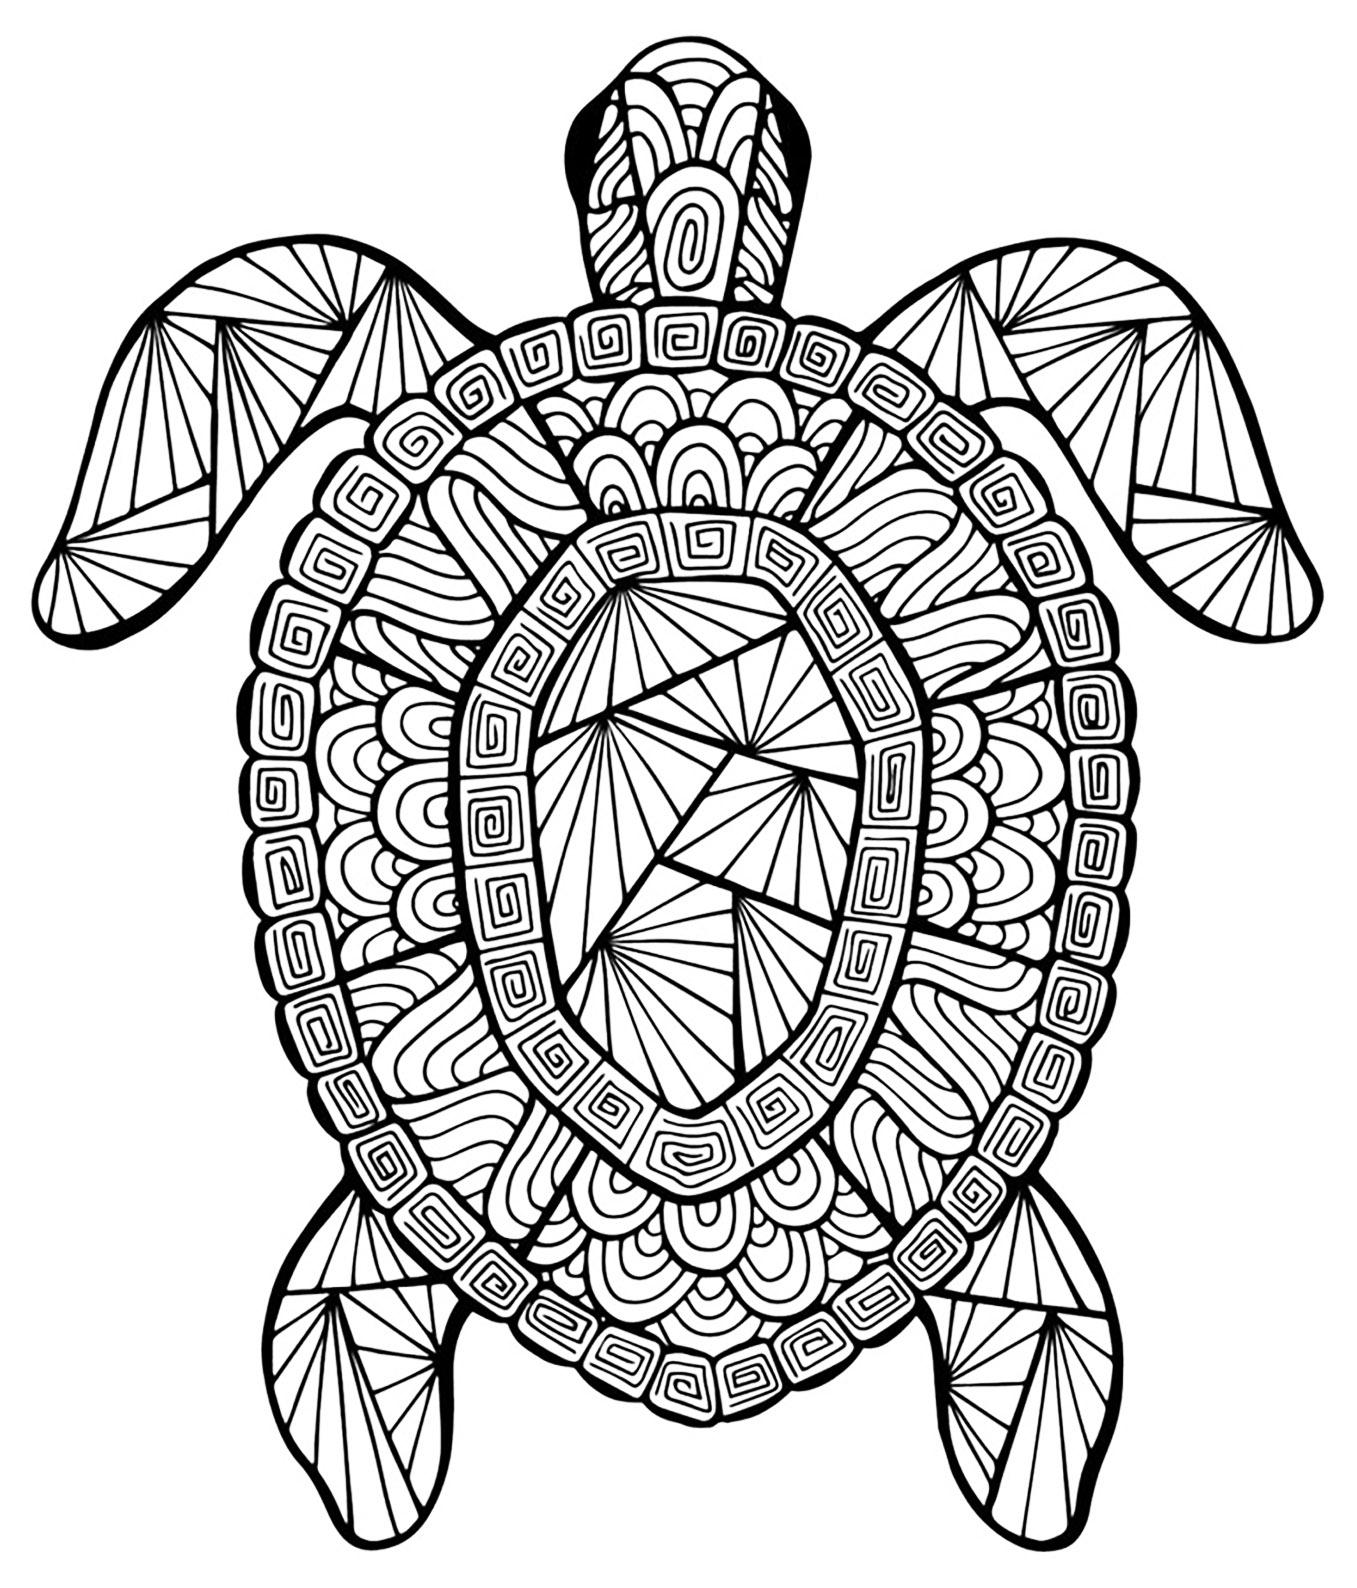 Avec tortue | Animaux - Coloriages difficiles pour adultes ...